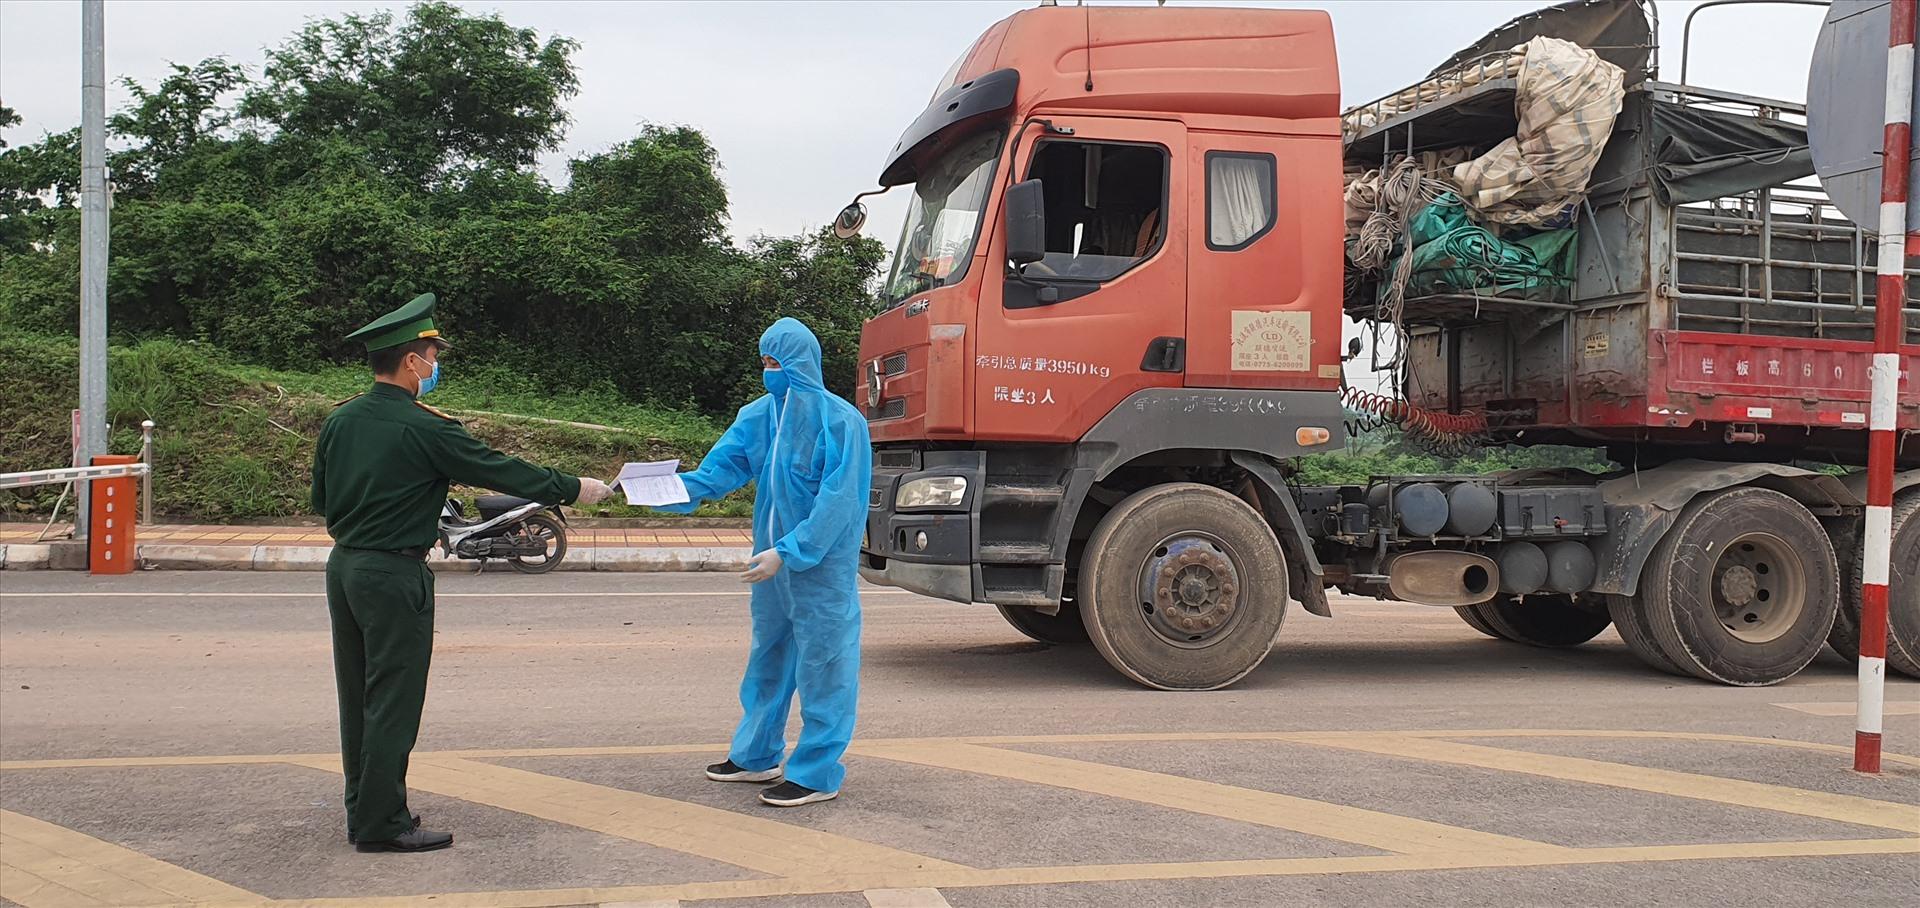 Cửa khẩu ở Quảng Ninh: Tồn đọng hàng hóa vì thiếu  lái xe trung chuyển